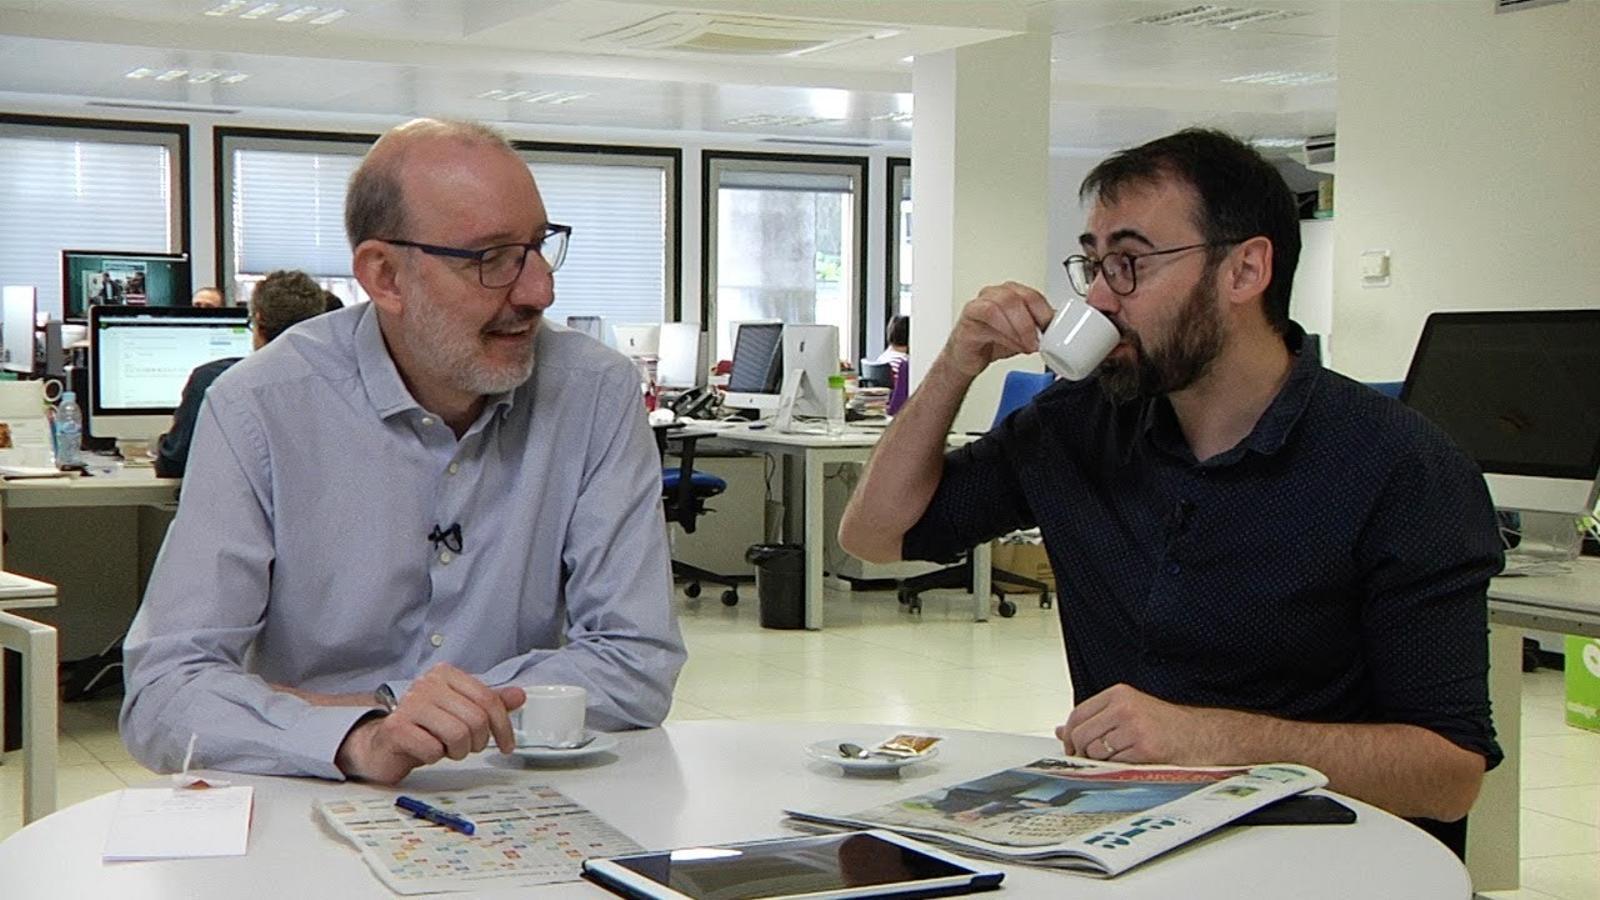 El cafè del Mundial: 'Spain is different' (14-06-2018)